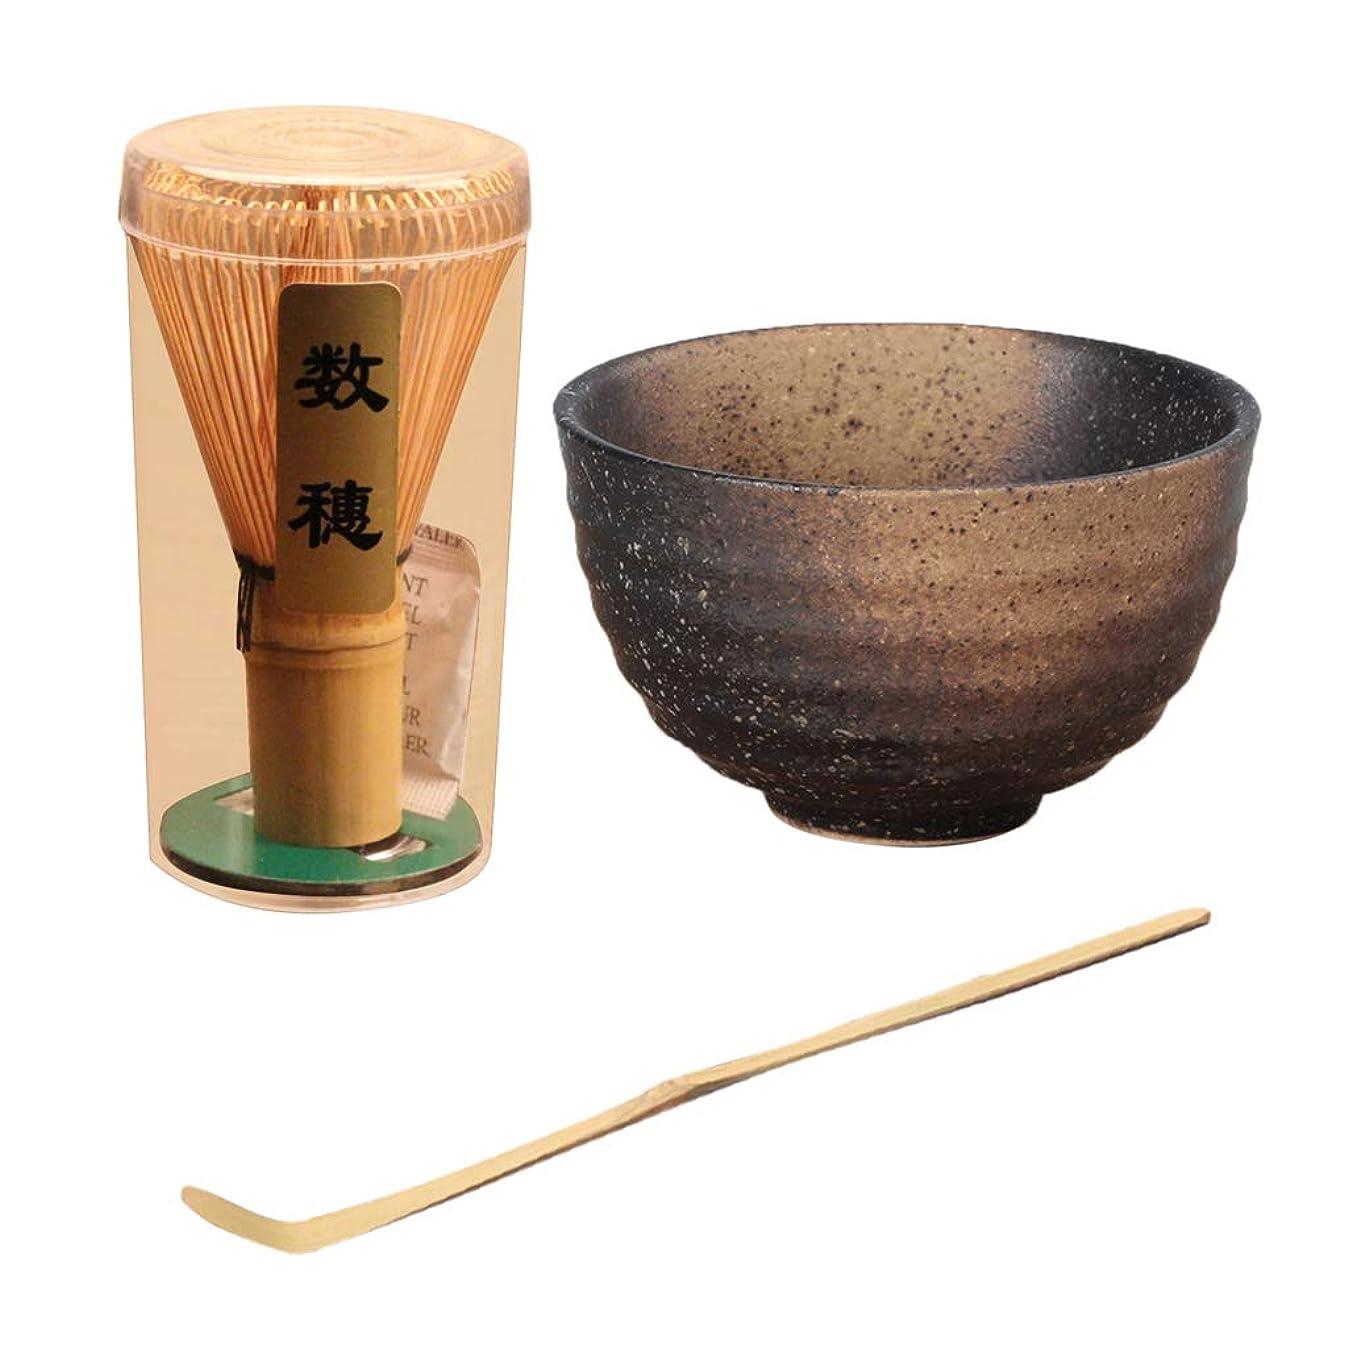 想起翻訳者請求PETSOLA 茶碗 茶筌 茶杓 抹茶の泡立て器 ティースクープ 竹製 抹茶 粉末 ツール 茶道